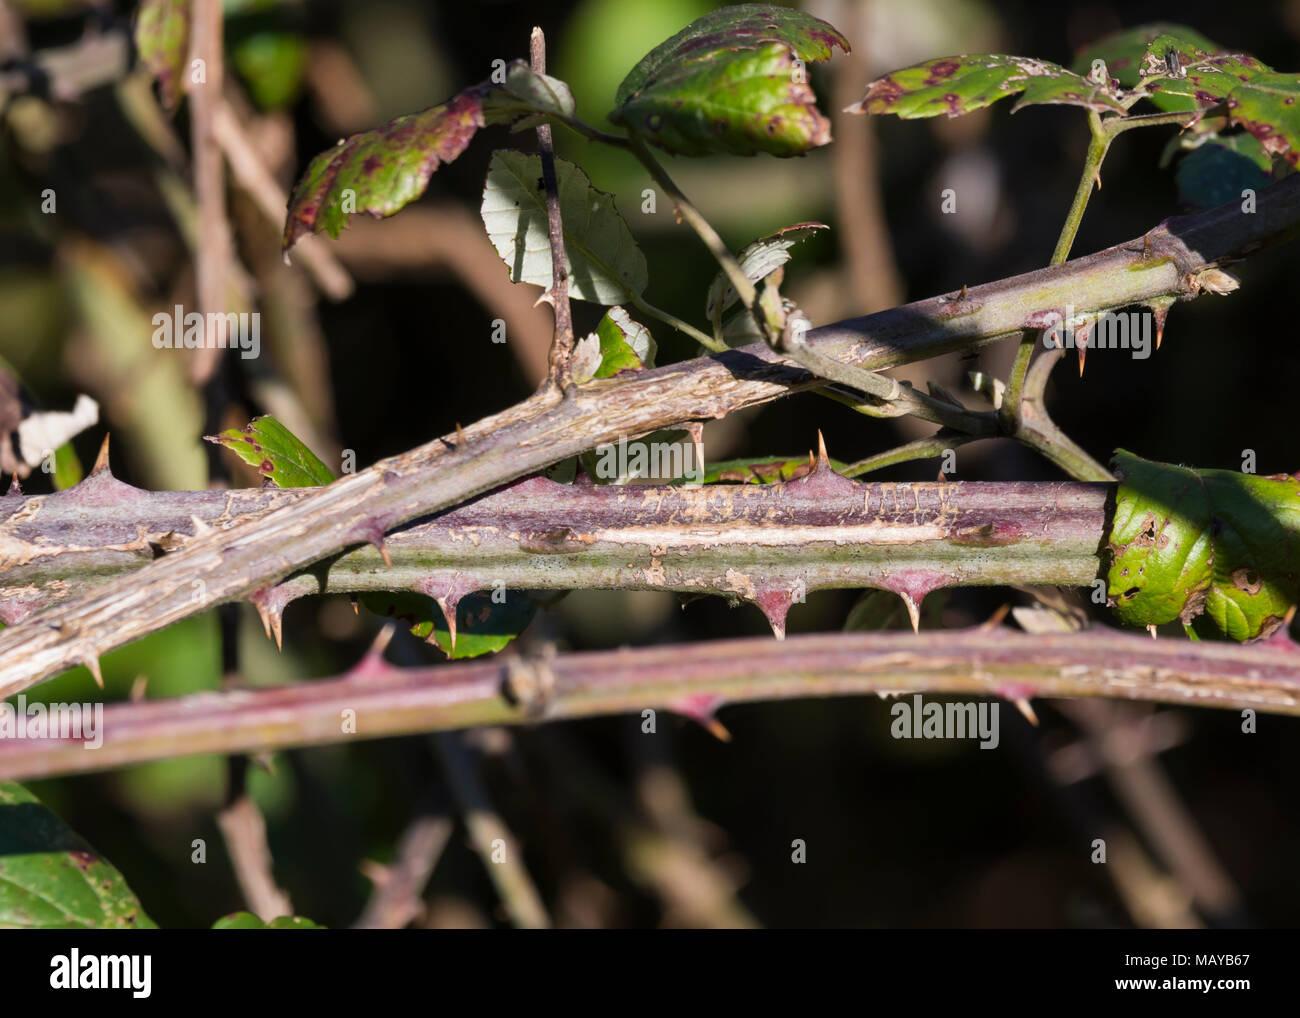 Le chevauchement des rameaux épineux bramble en hiver. Photo Stock